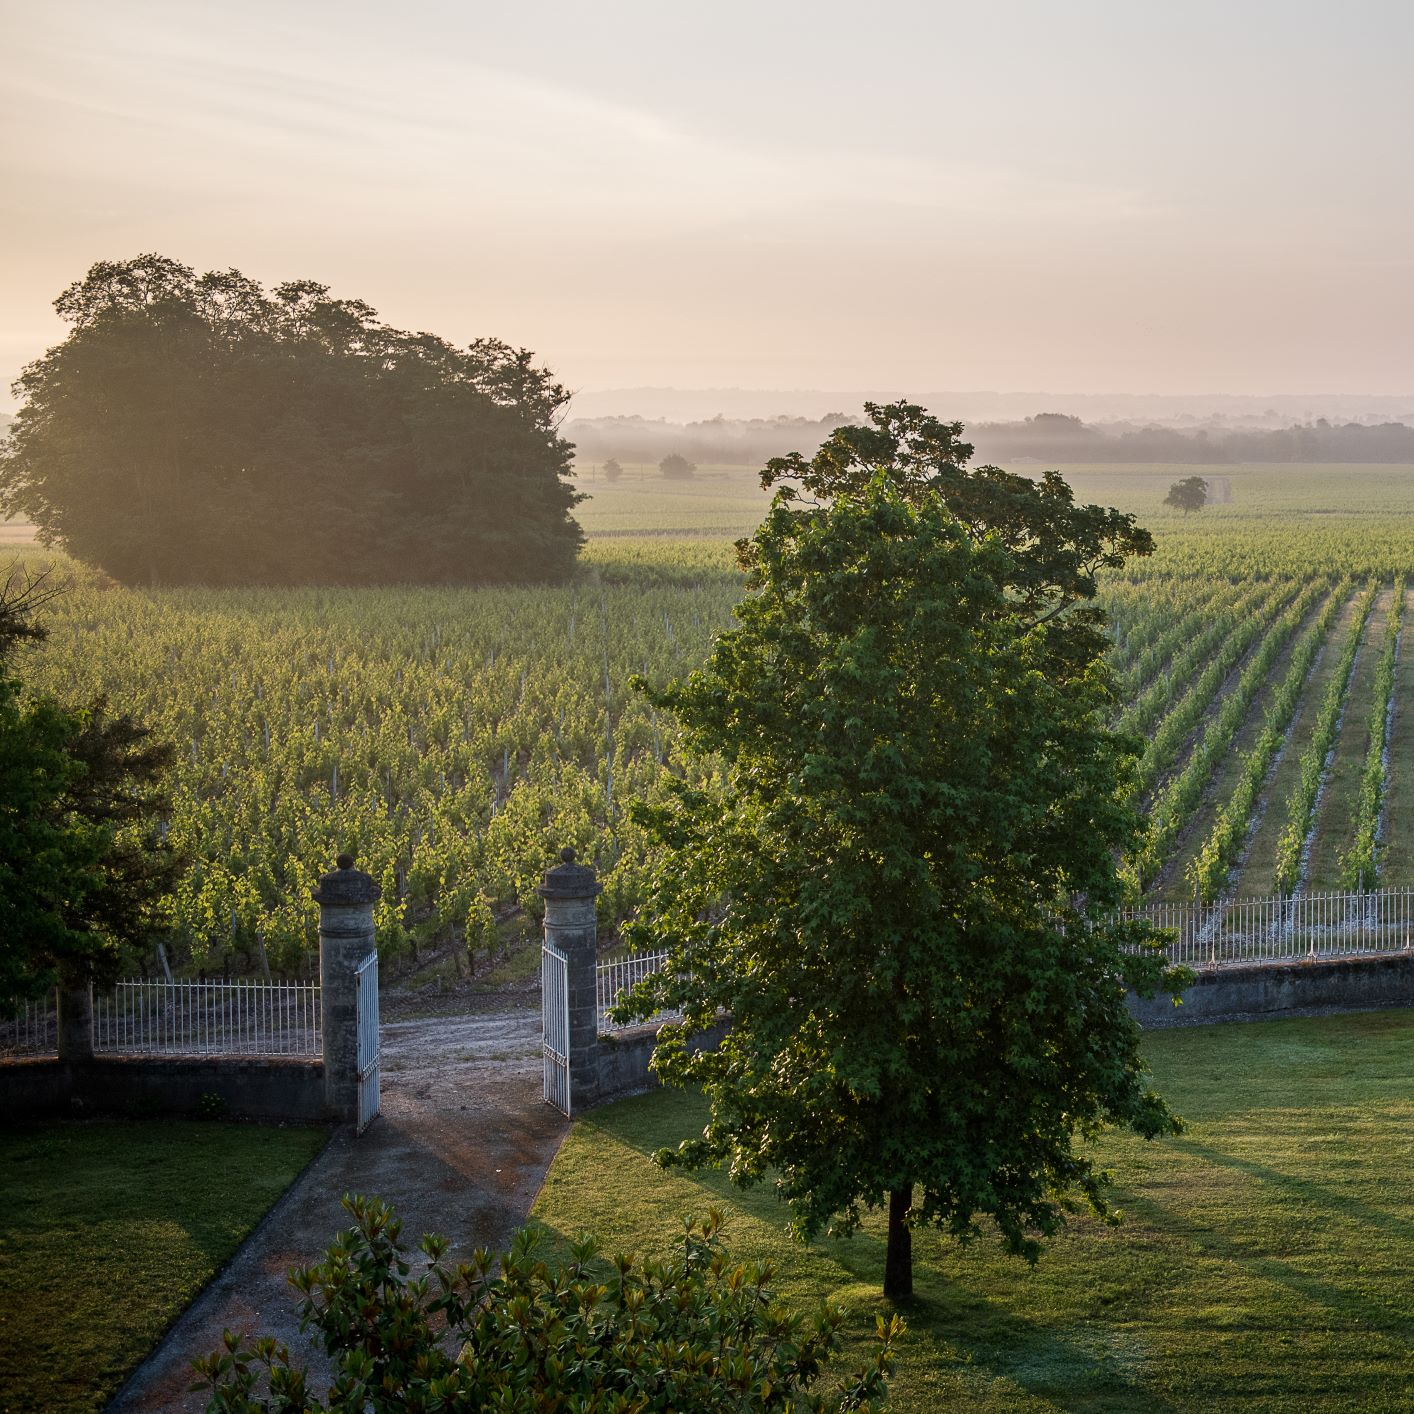 Chateau Malescasse, domaine viticole de renommée d'appellation Haut-Médoc